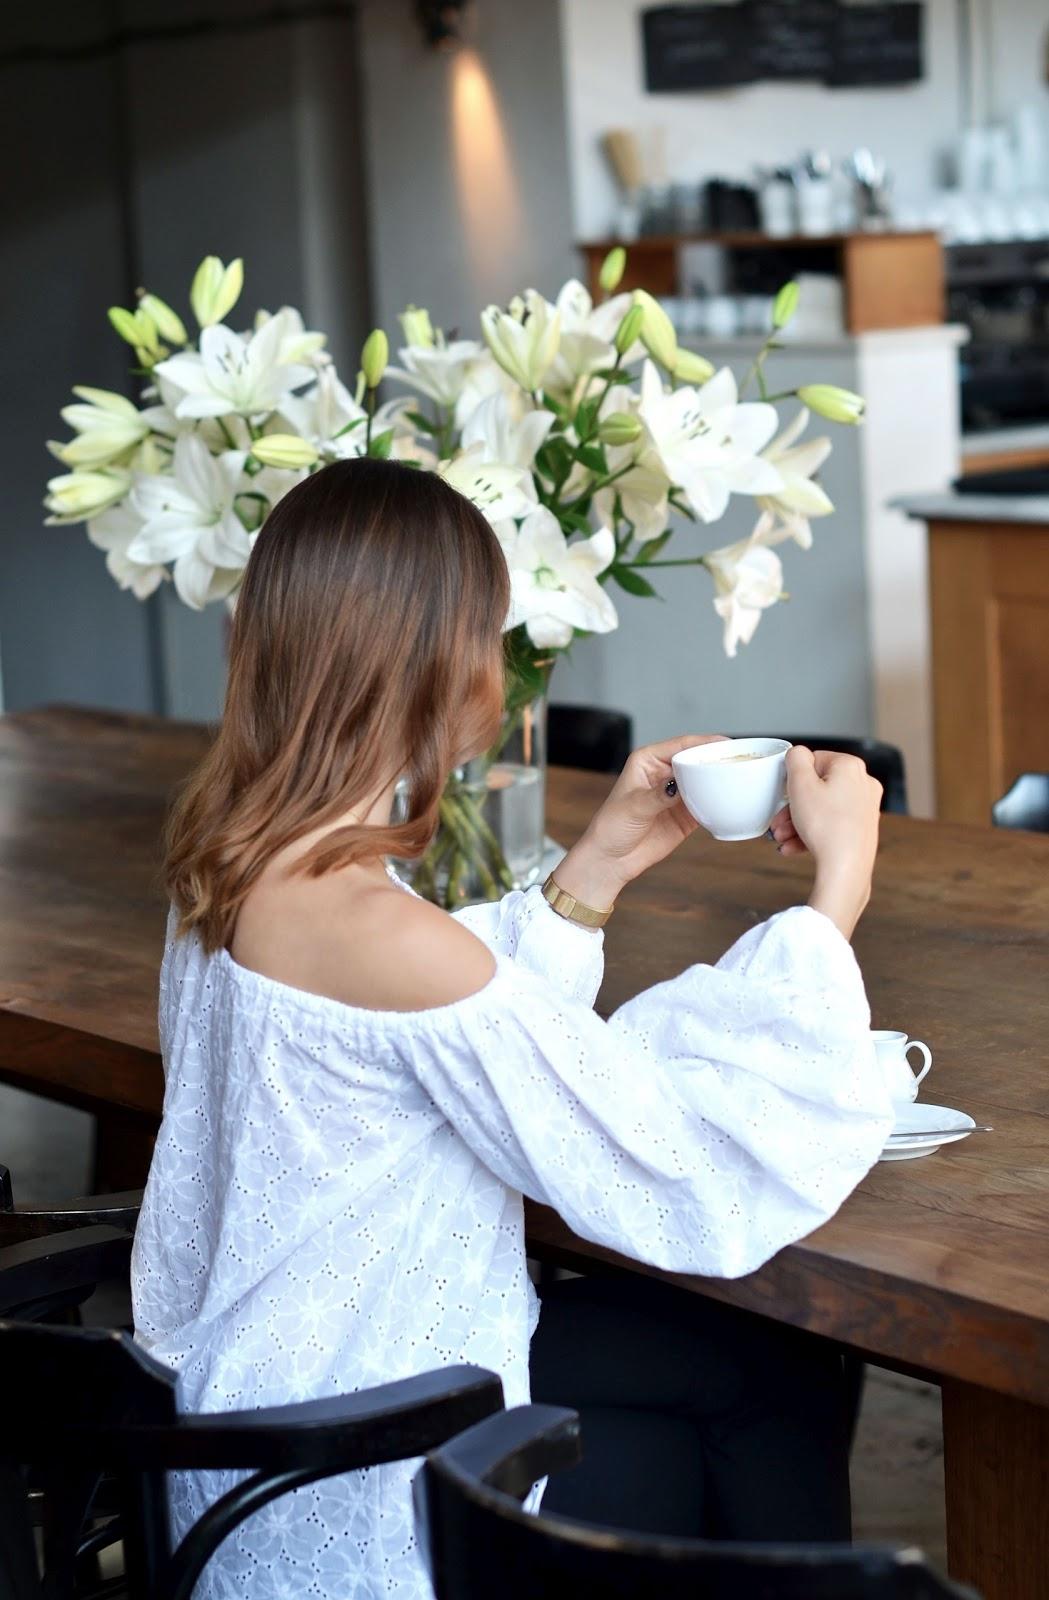 blog modowy | moda | blogerka | wyprzedaze 2016 | co warto kupic